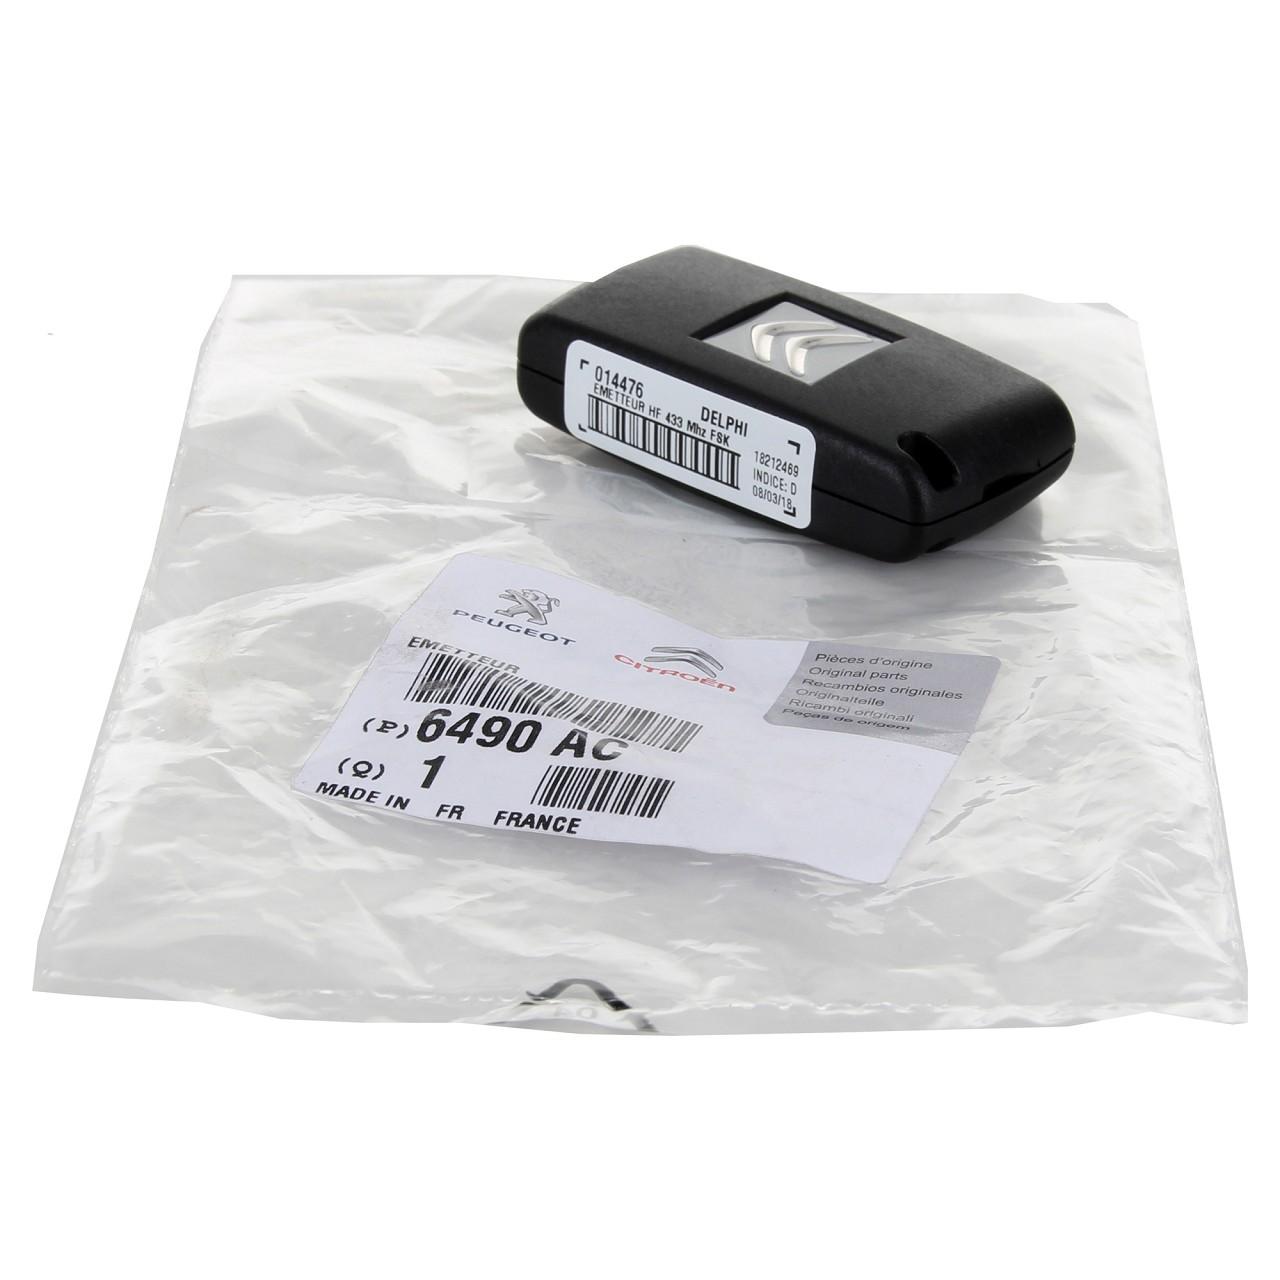 ORIGINAL Citroen Sender Funkfernbedienung Fernbedienung JUMPY 6490.AC